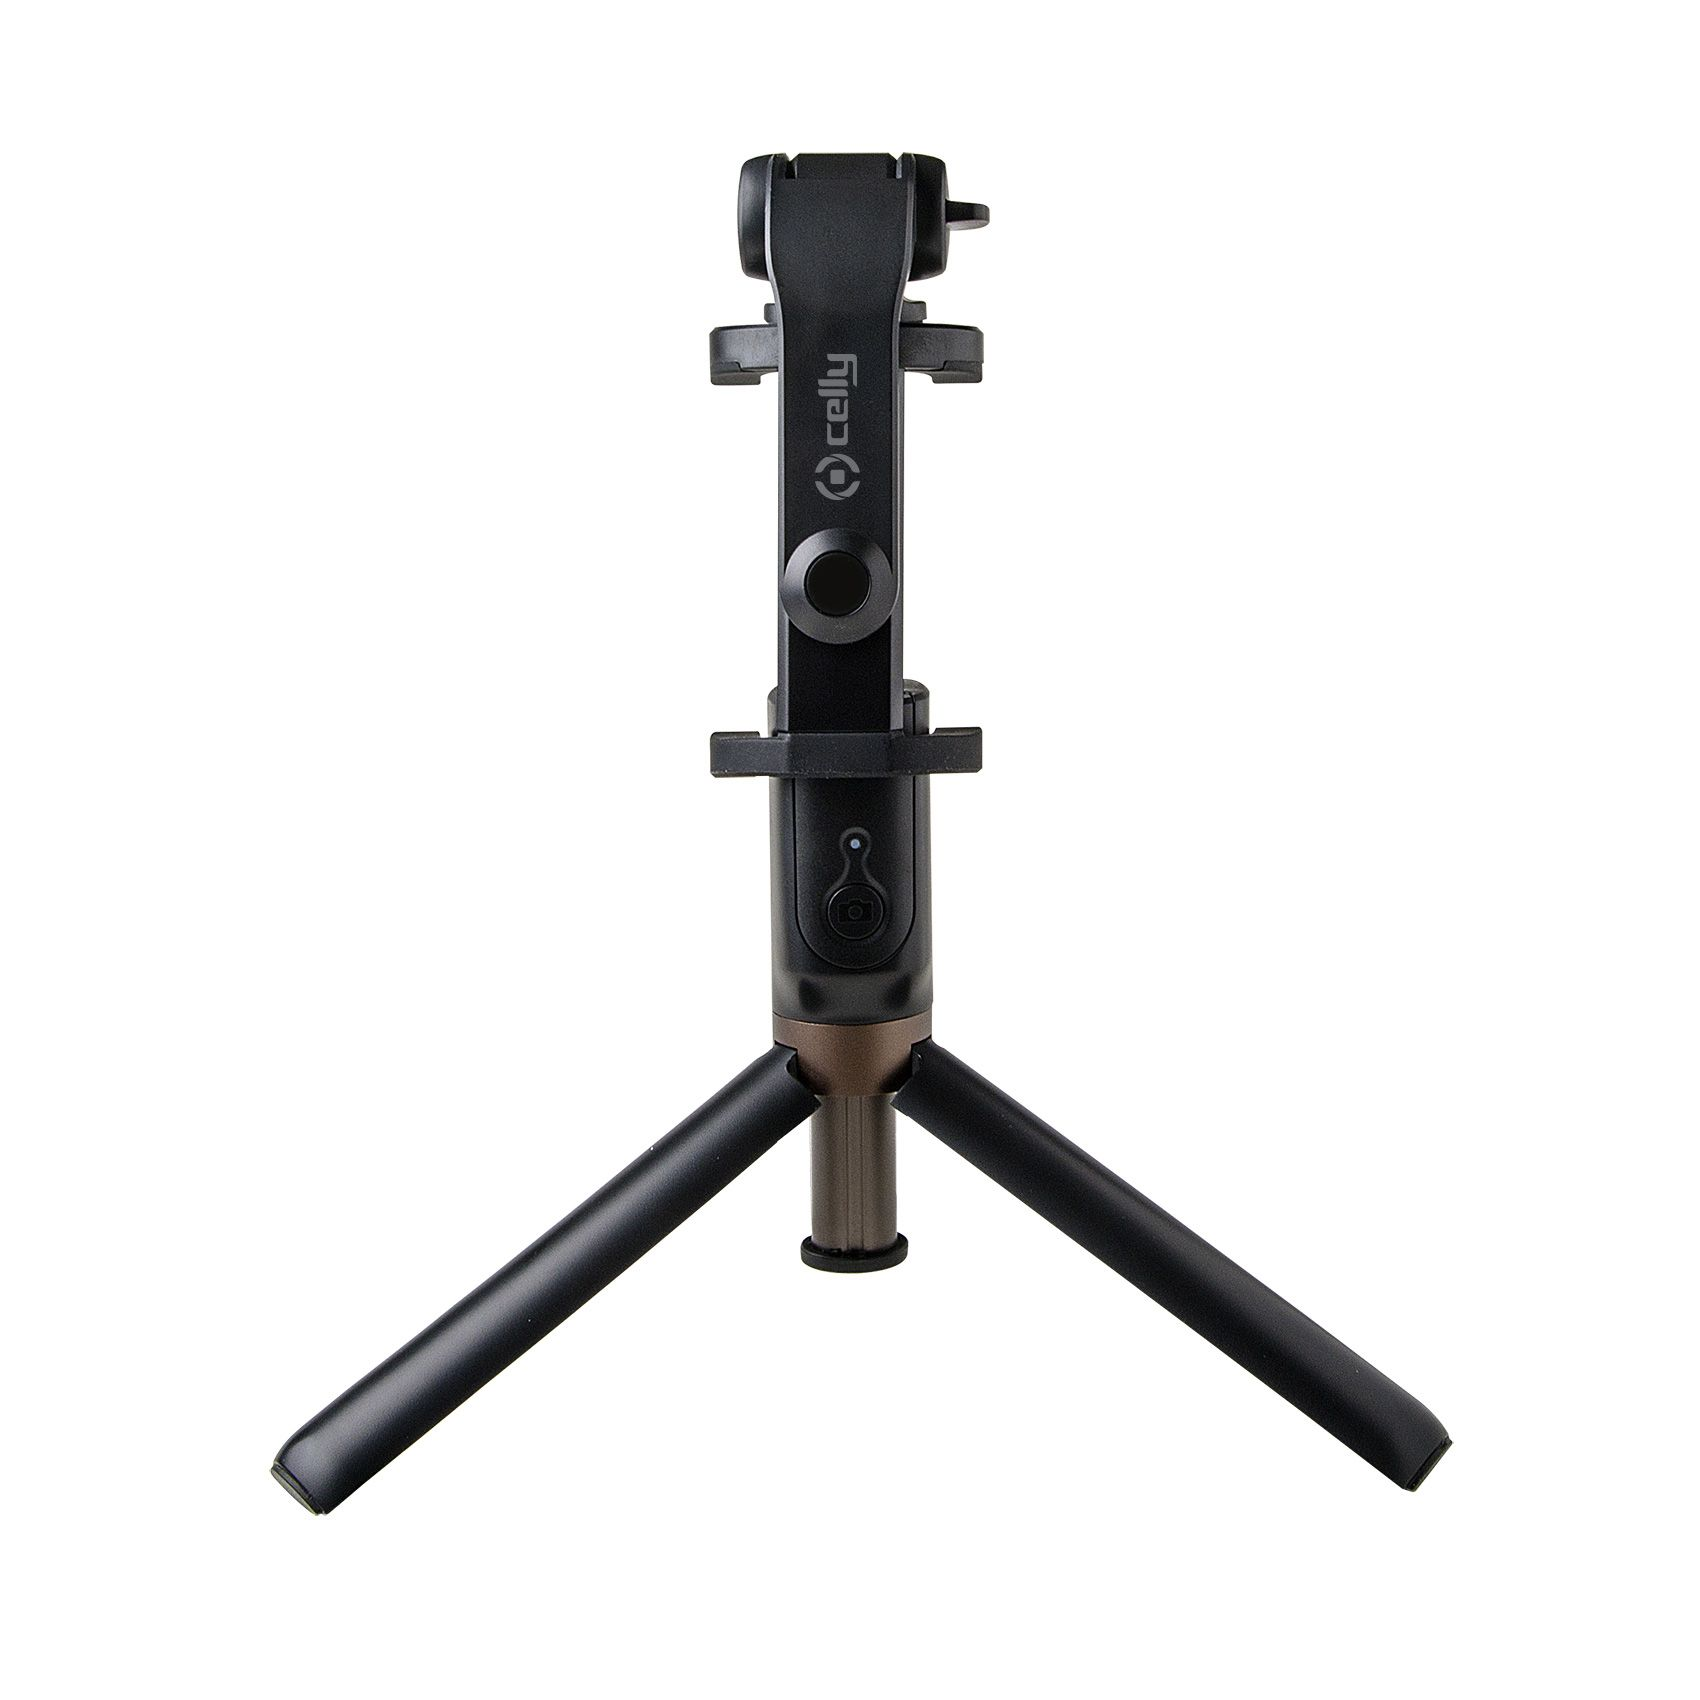 Kompaktní selfie tyč s ovladačem a stojánkem CELLY Propod, black